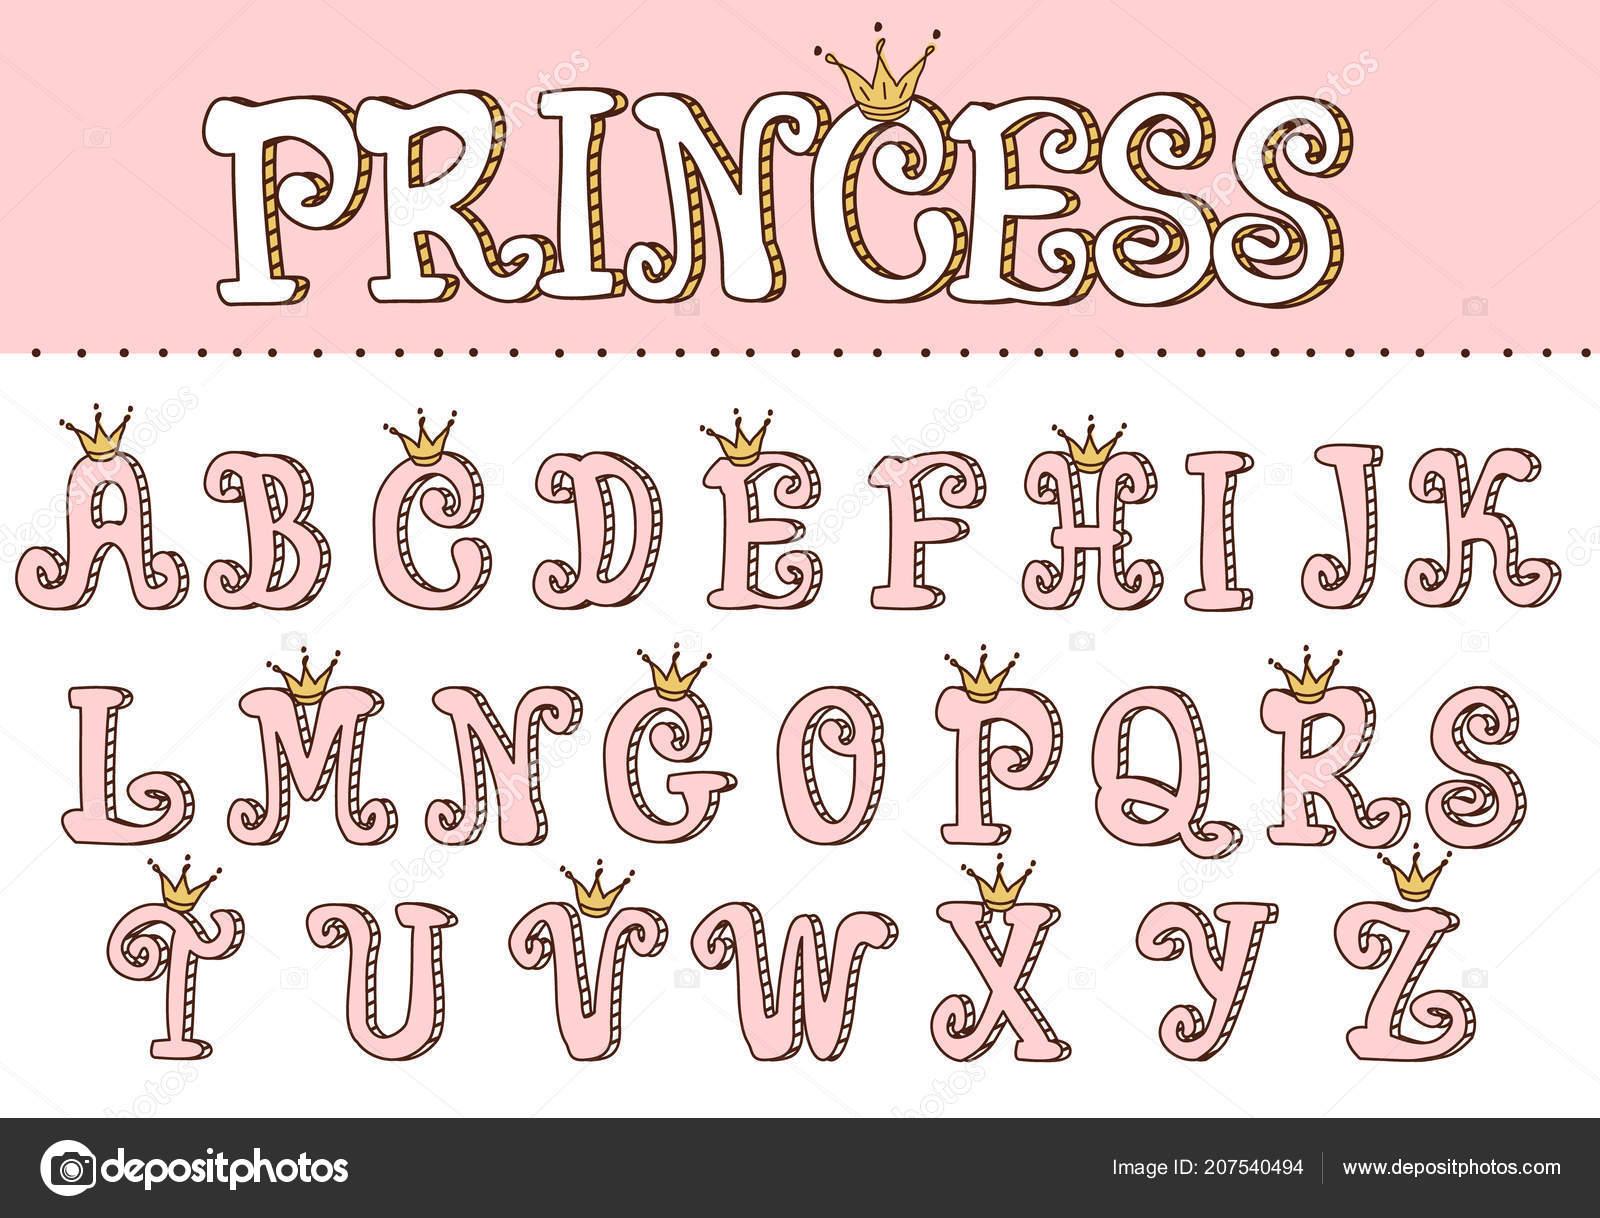 Letra Linda Princesa Rosa Letras Para Decoracion Estilo Nina Doodle